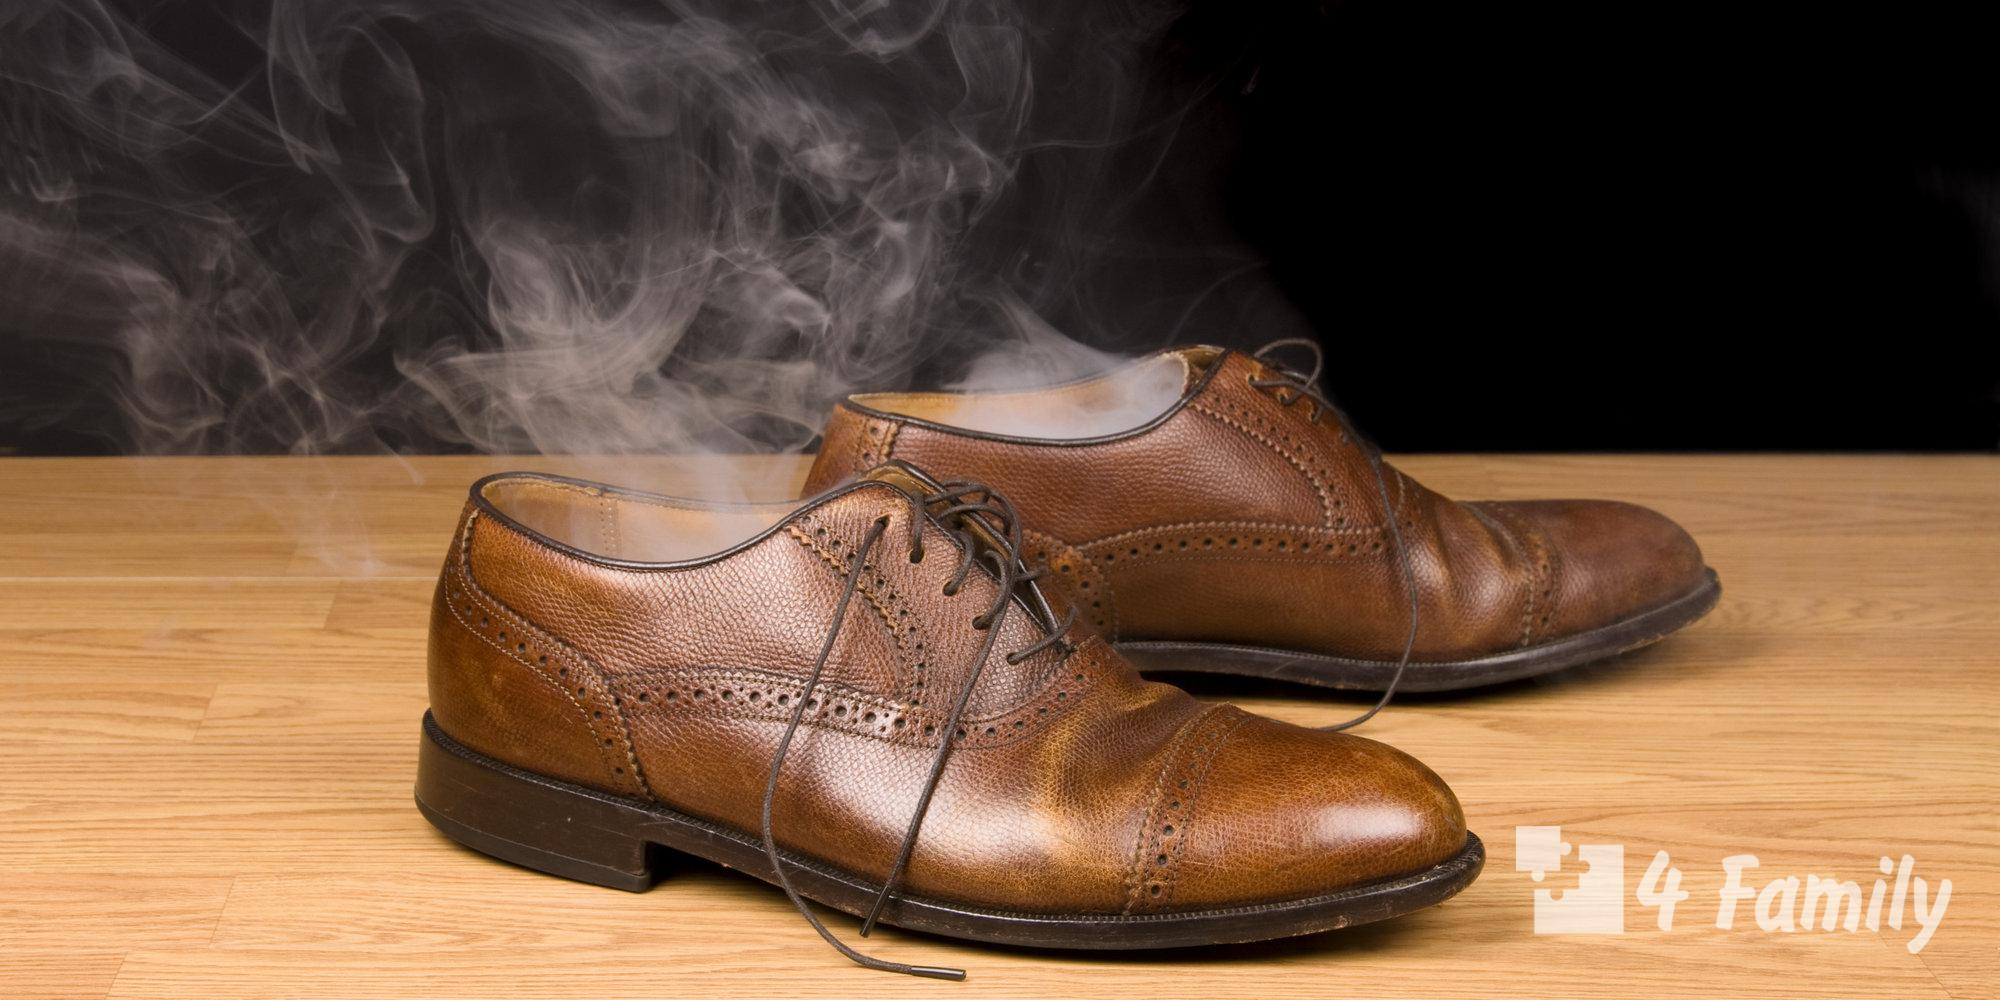 Как избавиться от запаха в обуви в домашних условиях